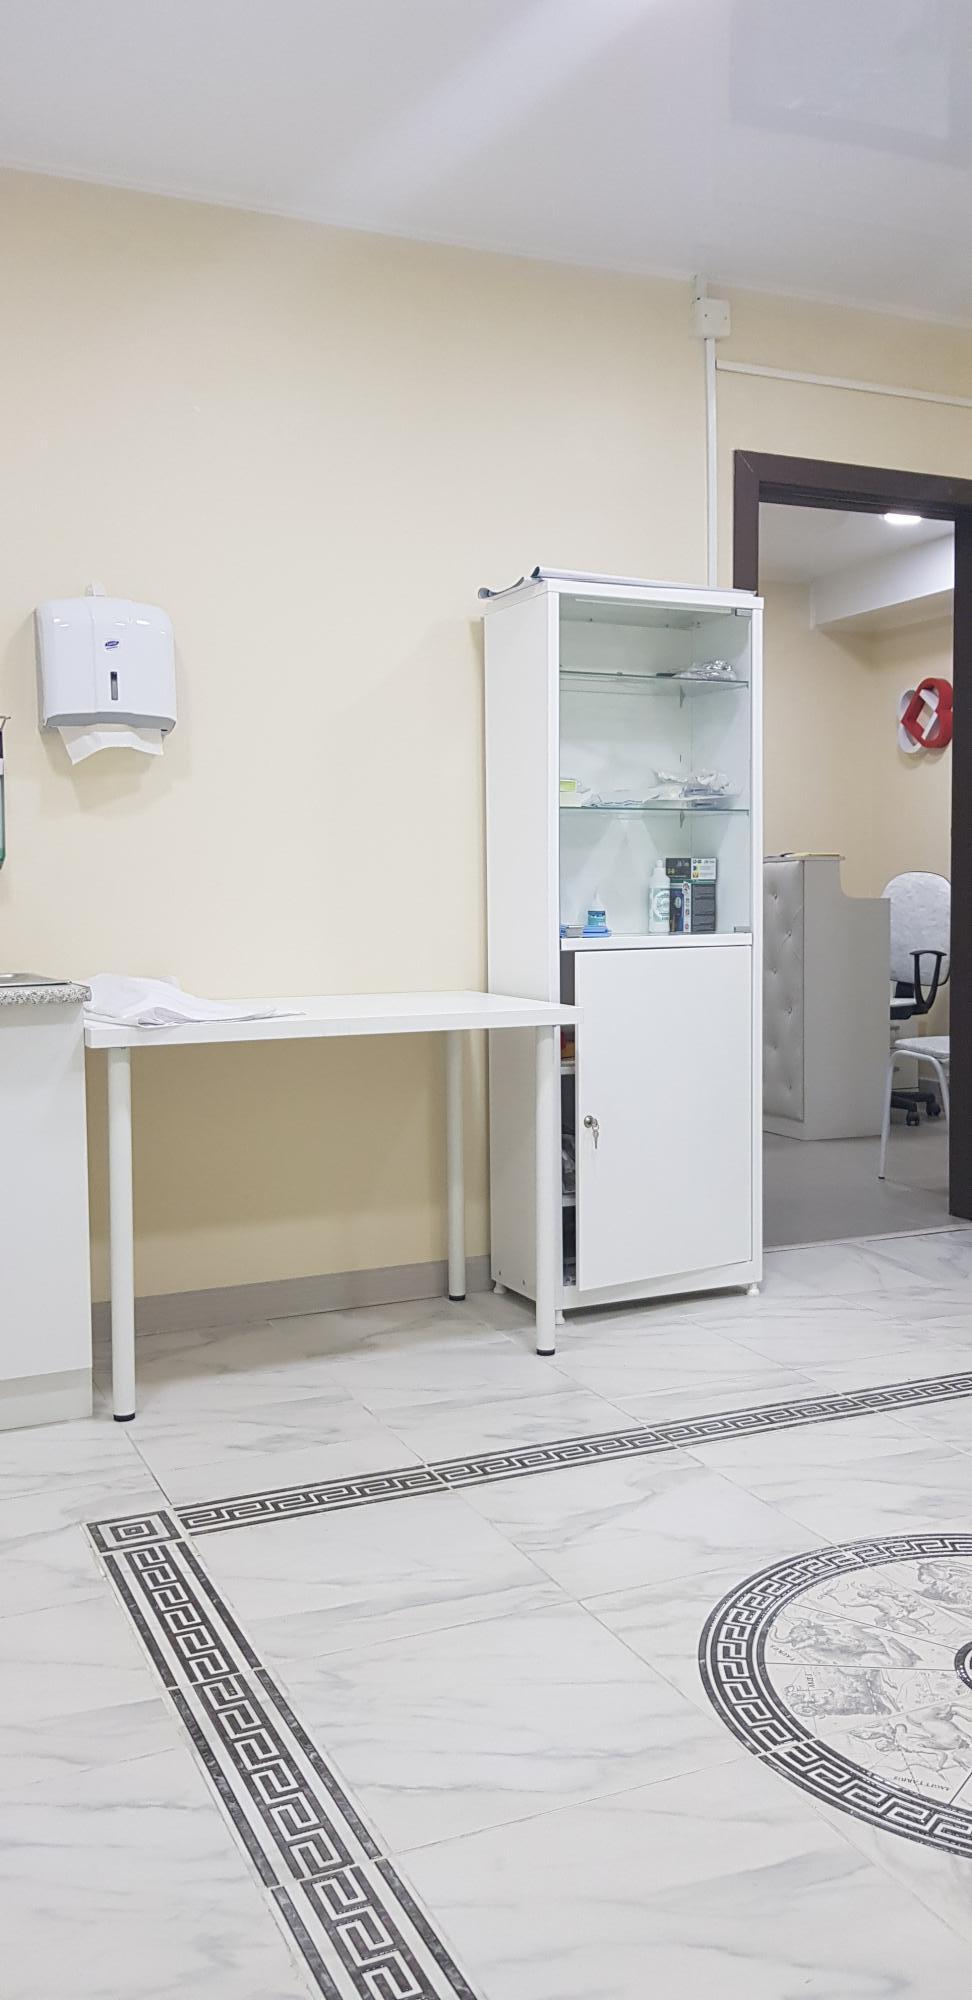 Прибыльная рабочая мед.клиника с помещением и ппа в Москве 89269390404 купить 9